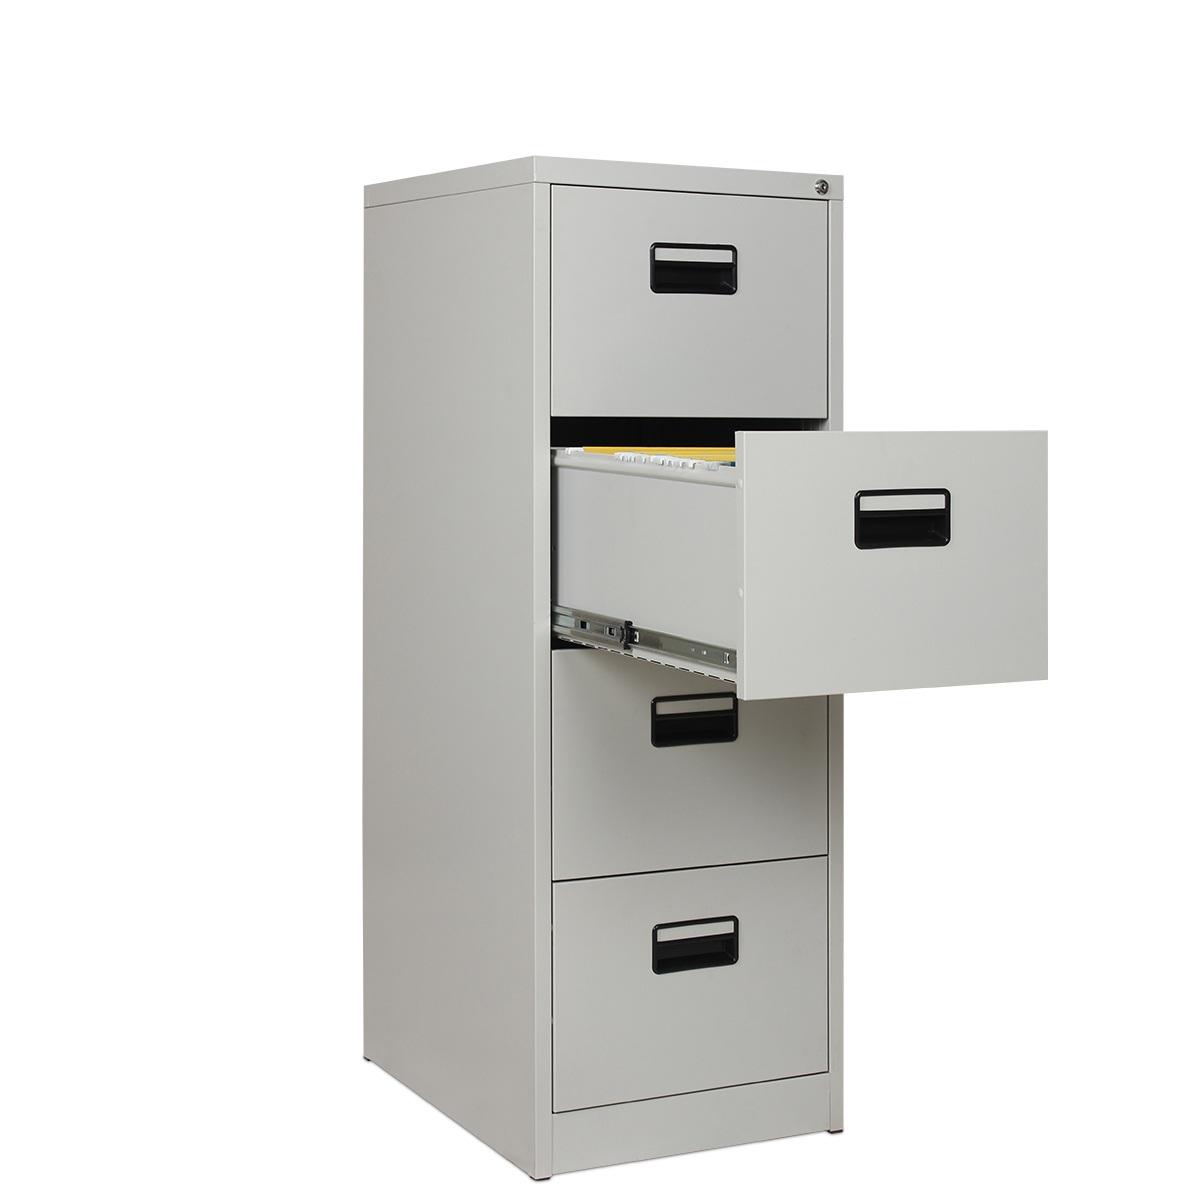 Tủ hồ sơ ngăn kéo Drawer Vertical Filing Cabinet - HUADU - HDK - A04